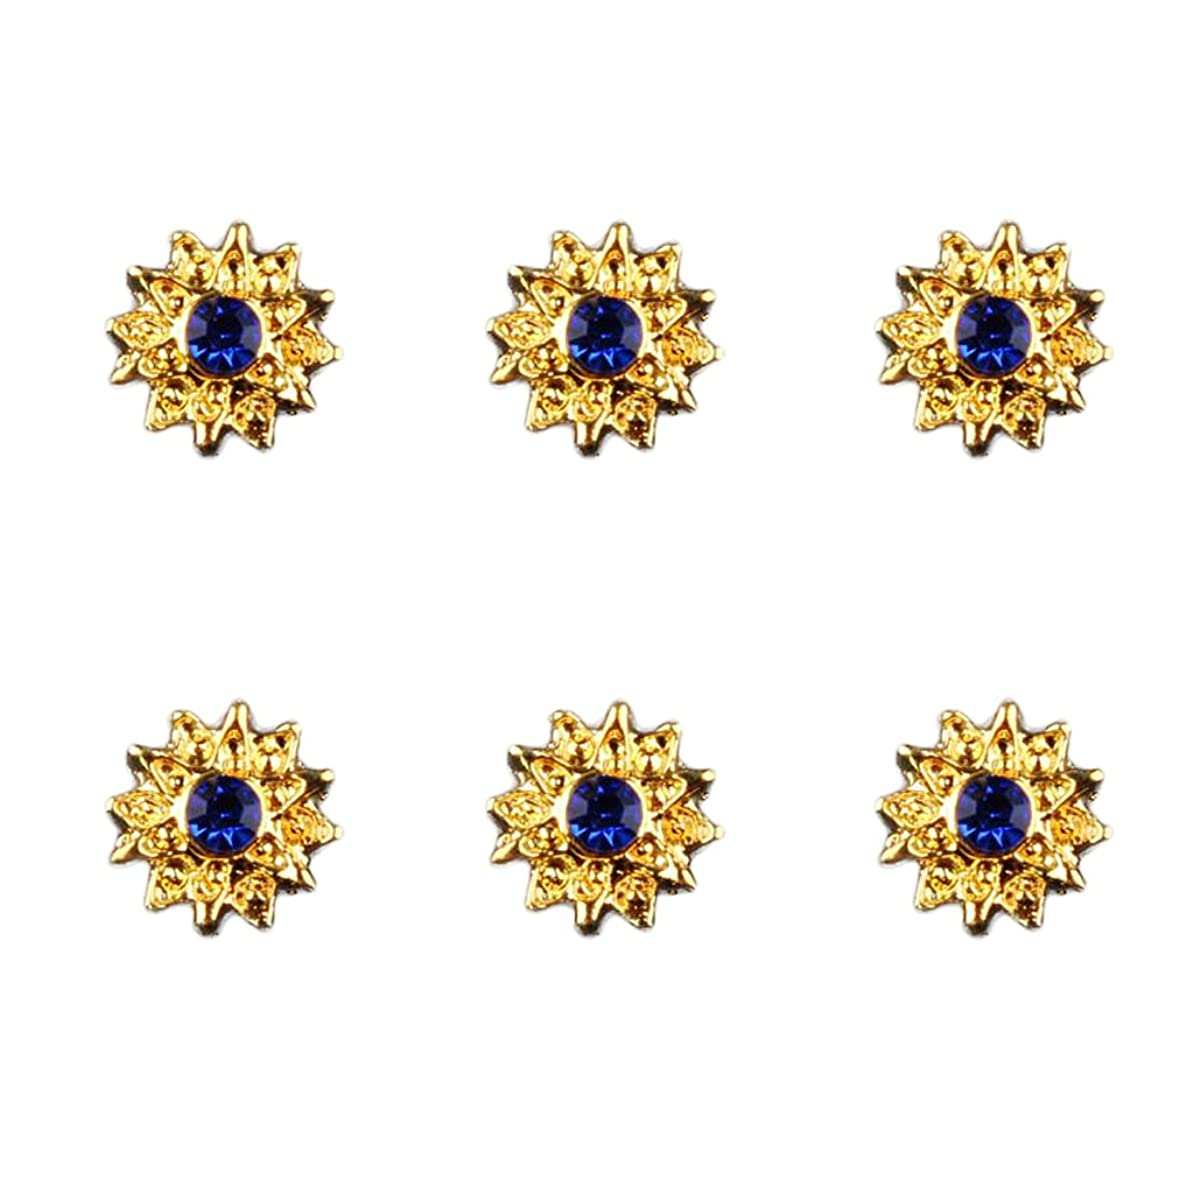 ダンス高揚した正統派約50個入り マニキュア ダイヤモンド 3Dネイルアート ヒントステッカー 装飾 全8種類 - 6